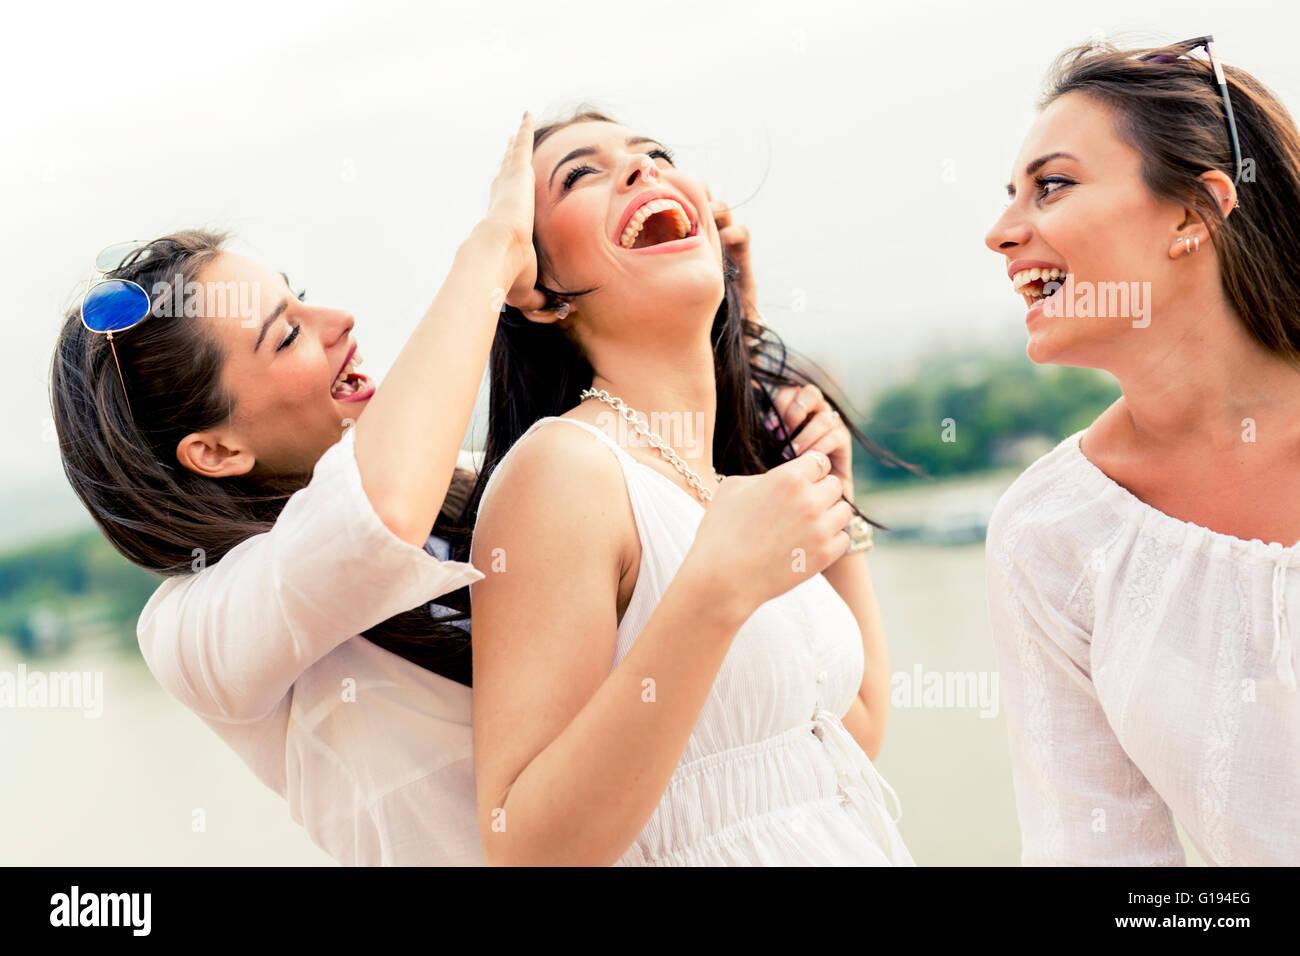 Les femmes gaies s'amuser en plein air et de rire heureusement Photo Stock